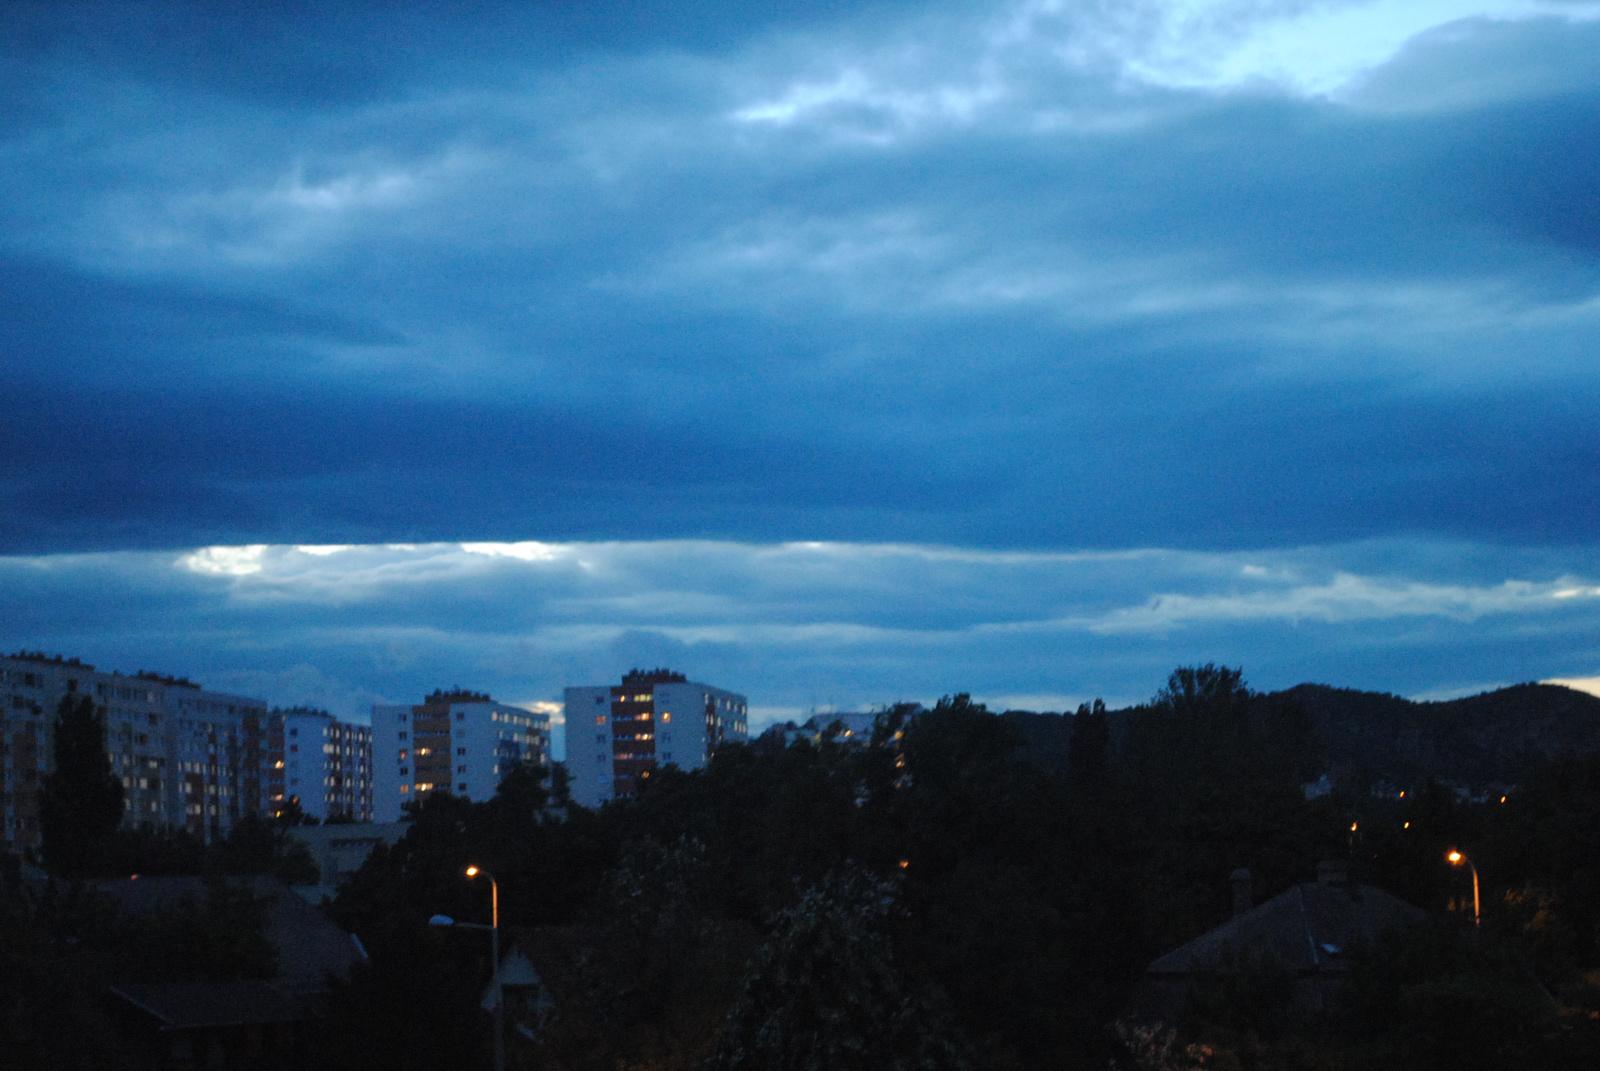 esti felhőkép